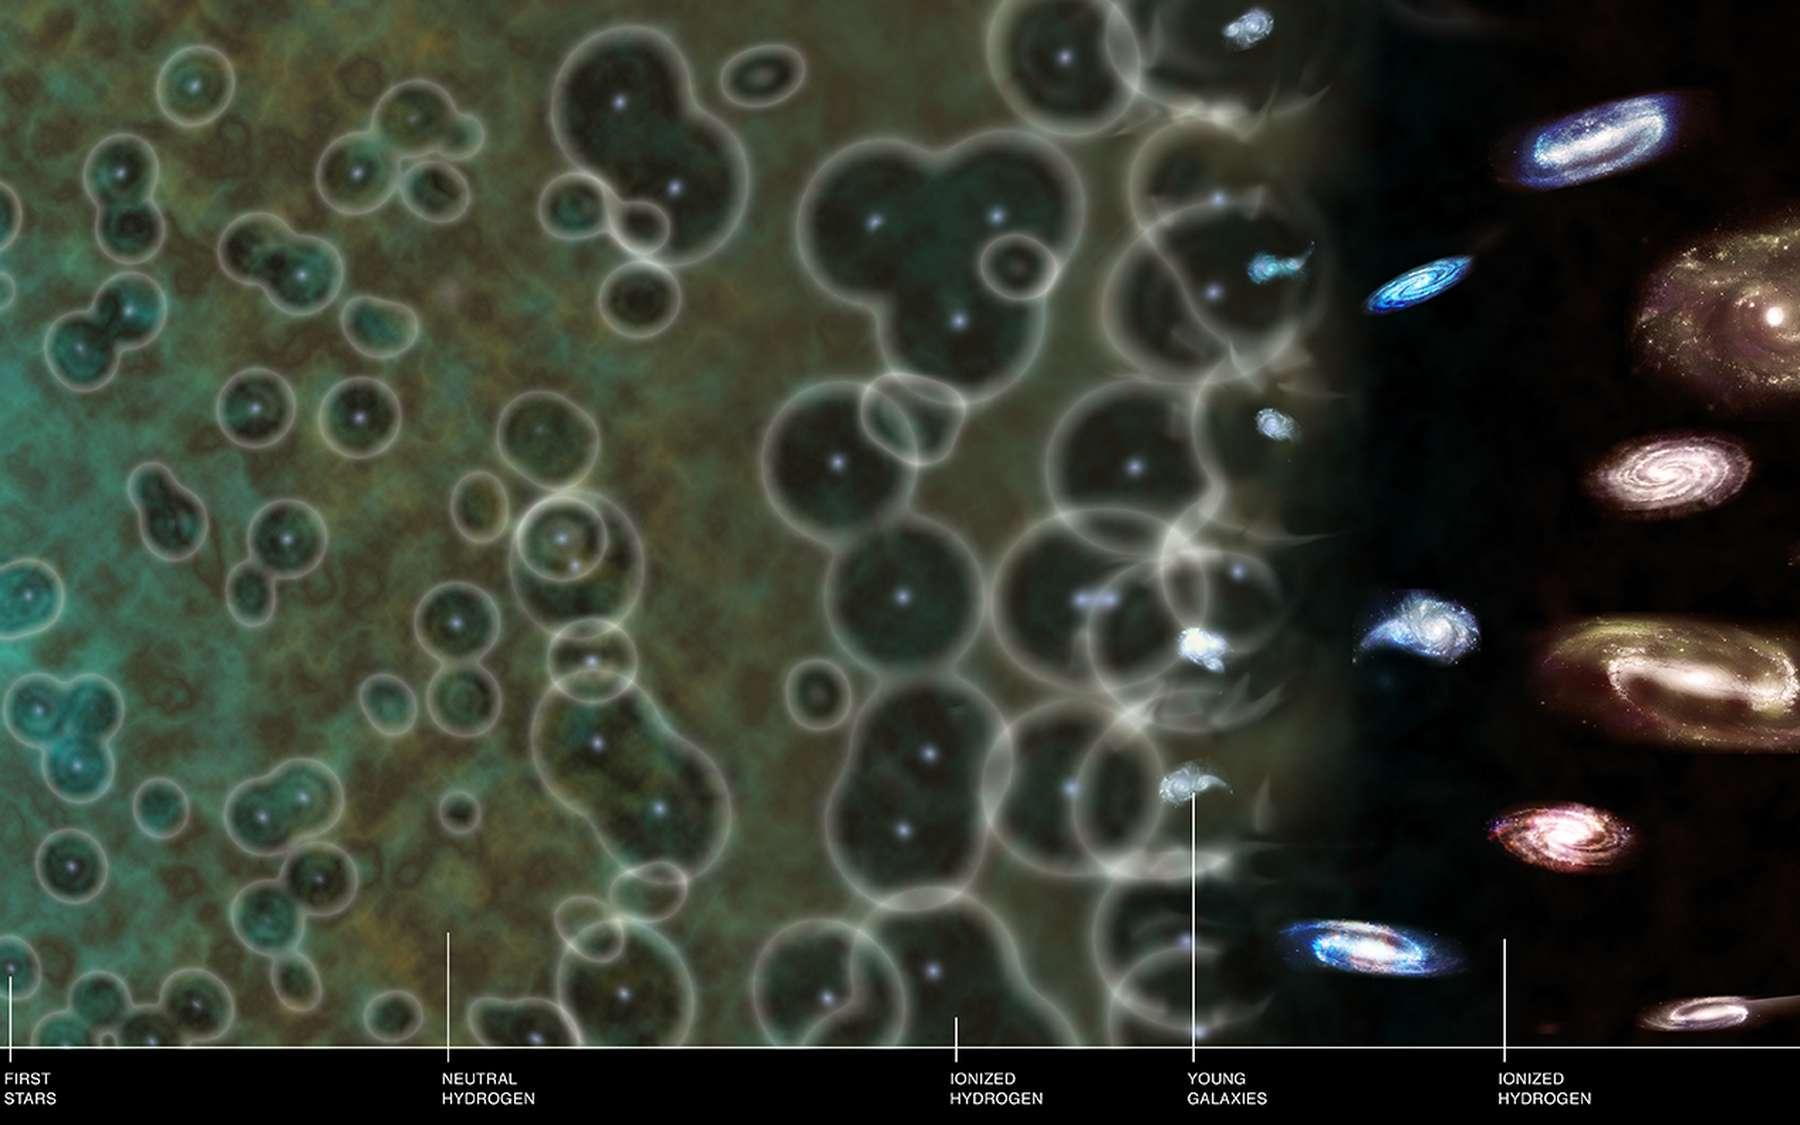 De gauche à droite depuis le Big Bang jusqu'à la fin de la réionisation, on voit les premières étoiles (first stars) créant des bulles d'hydrogène ionisé dont le front grandit dans l'hydrogène intergalactique neutre de l'époque. Selon Abraham Loeb, la vie pouvait apparaître peu de temps après la formation des premières étoiles. © Nasa, CXC, M. Weiss